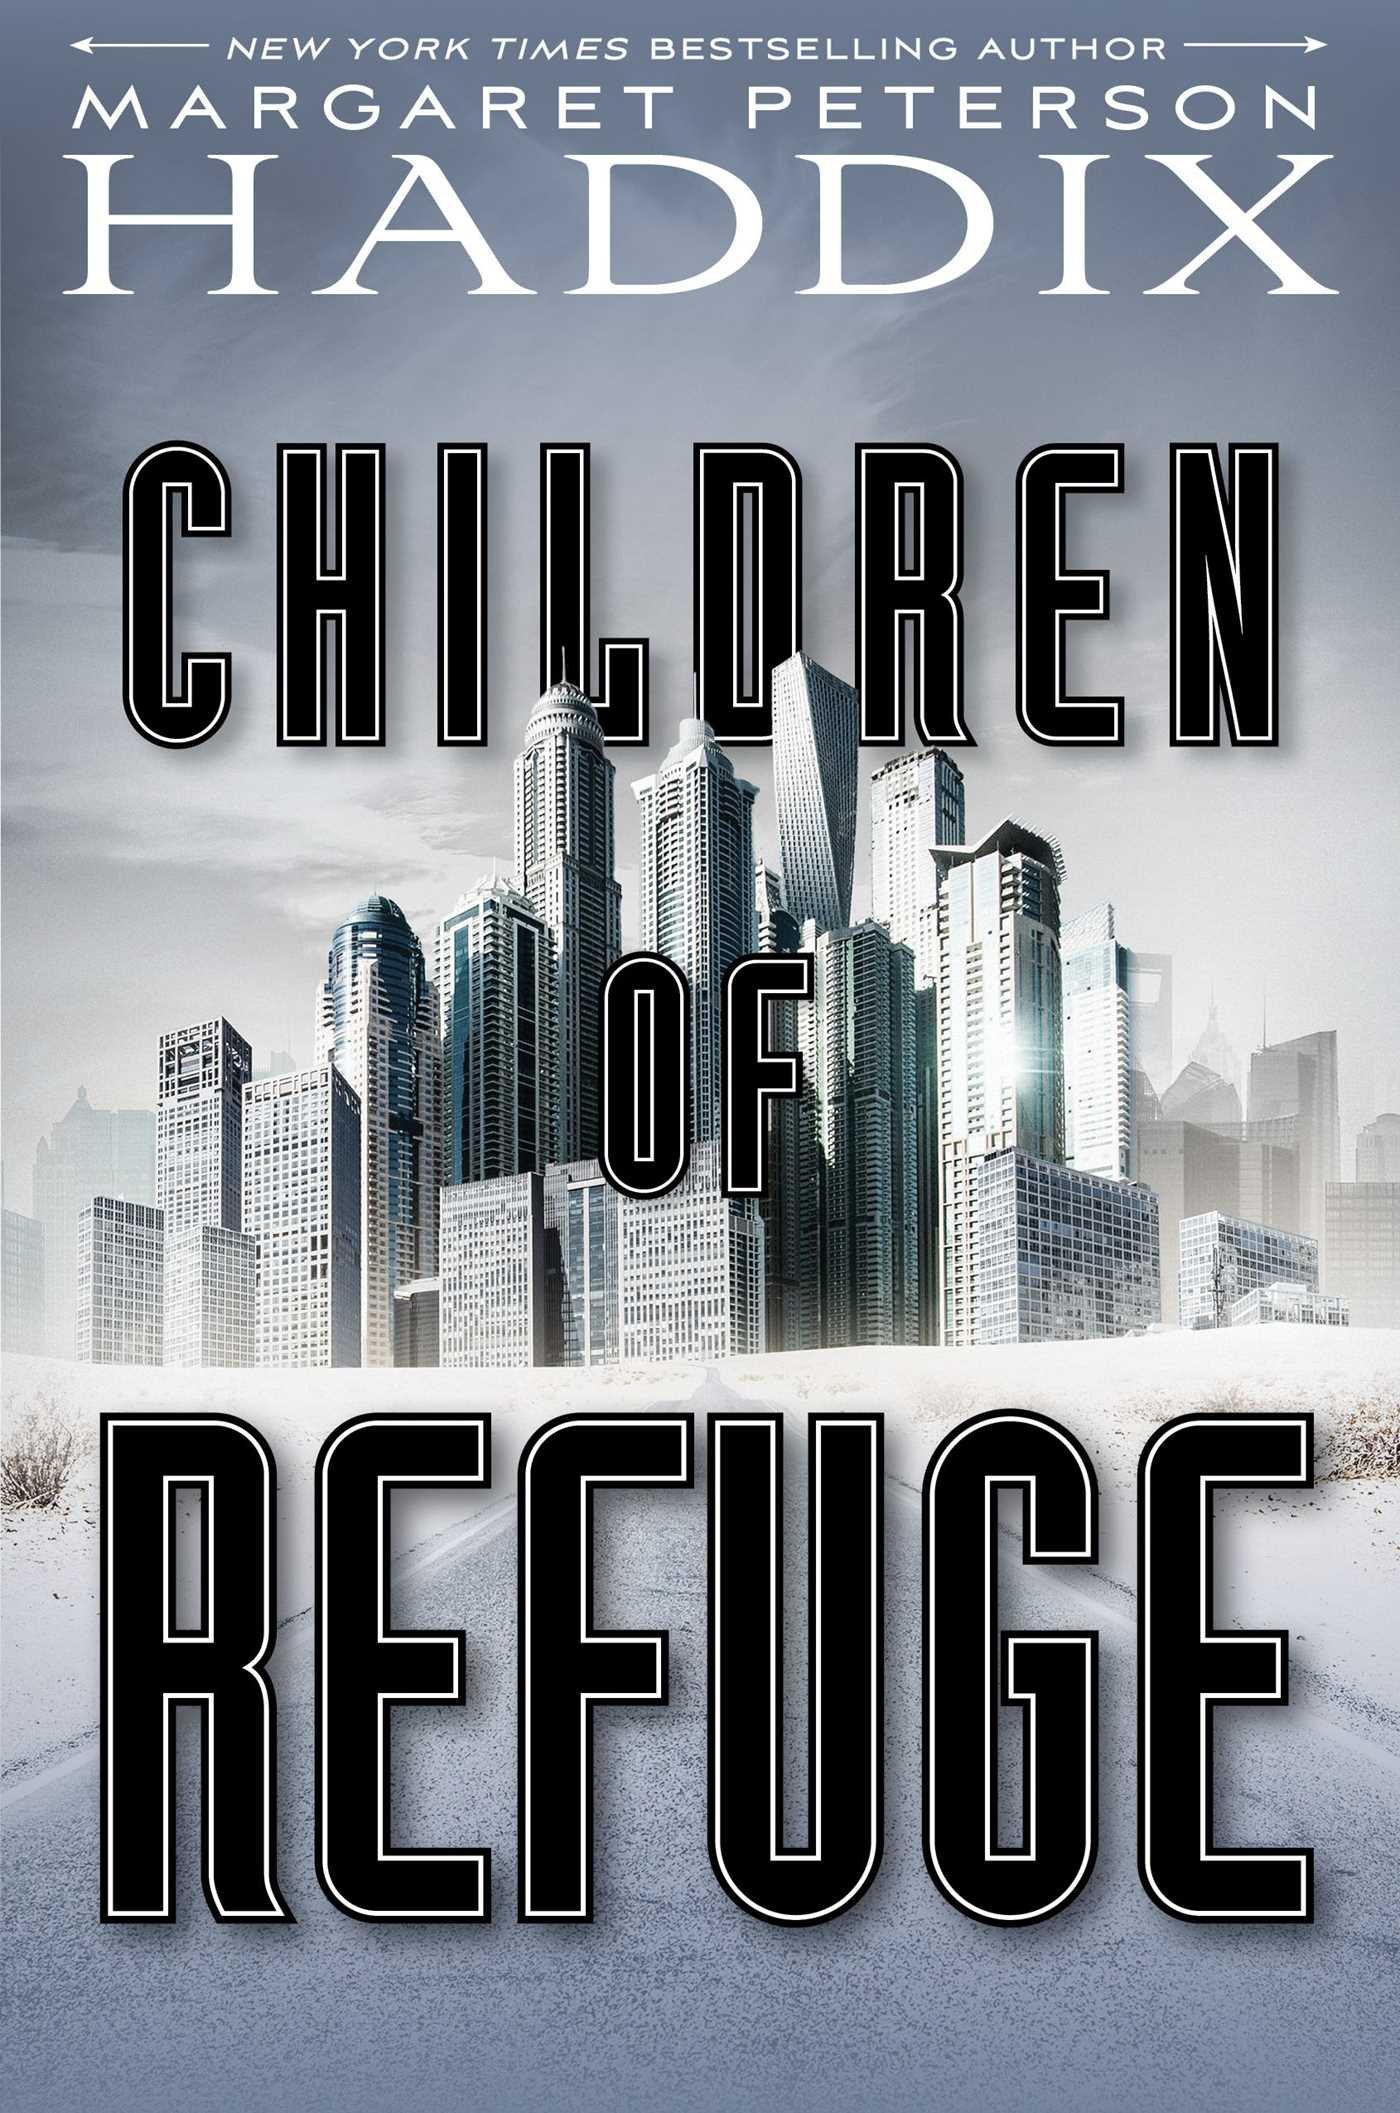 childrenofrefuge.jpg